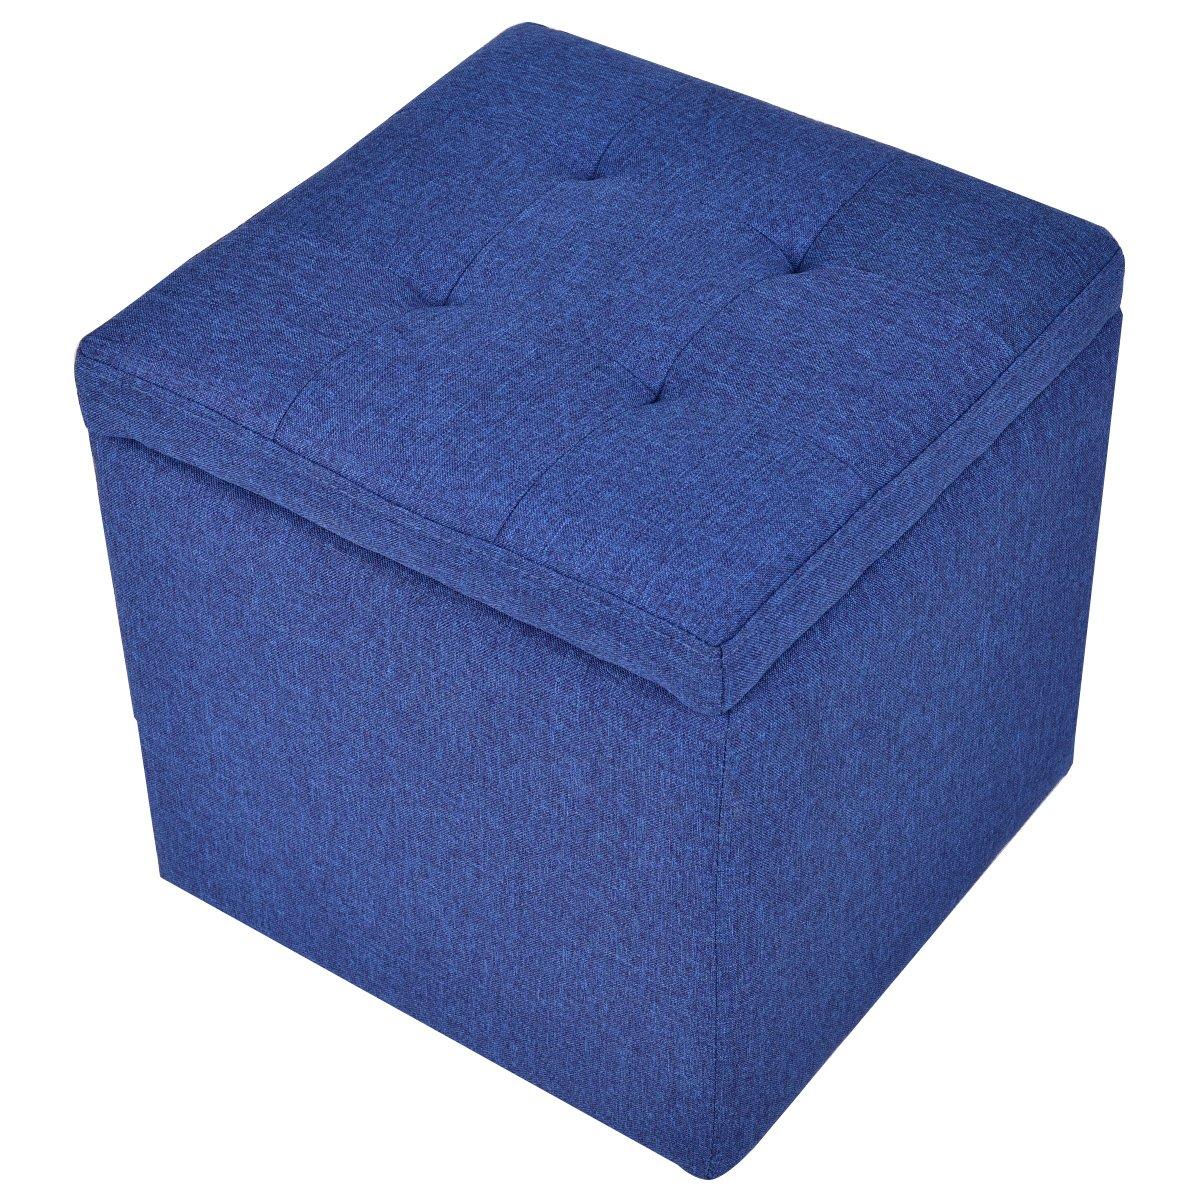 COSTWAY Sitzhocker mit Stauraum Sitzwürfel Sitzbox Sitzbank ...